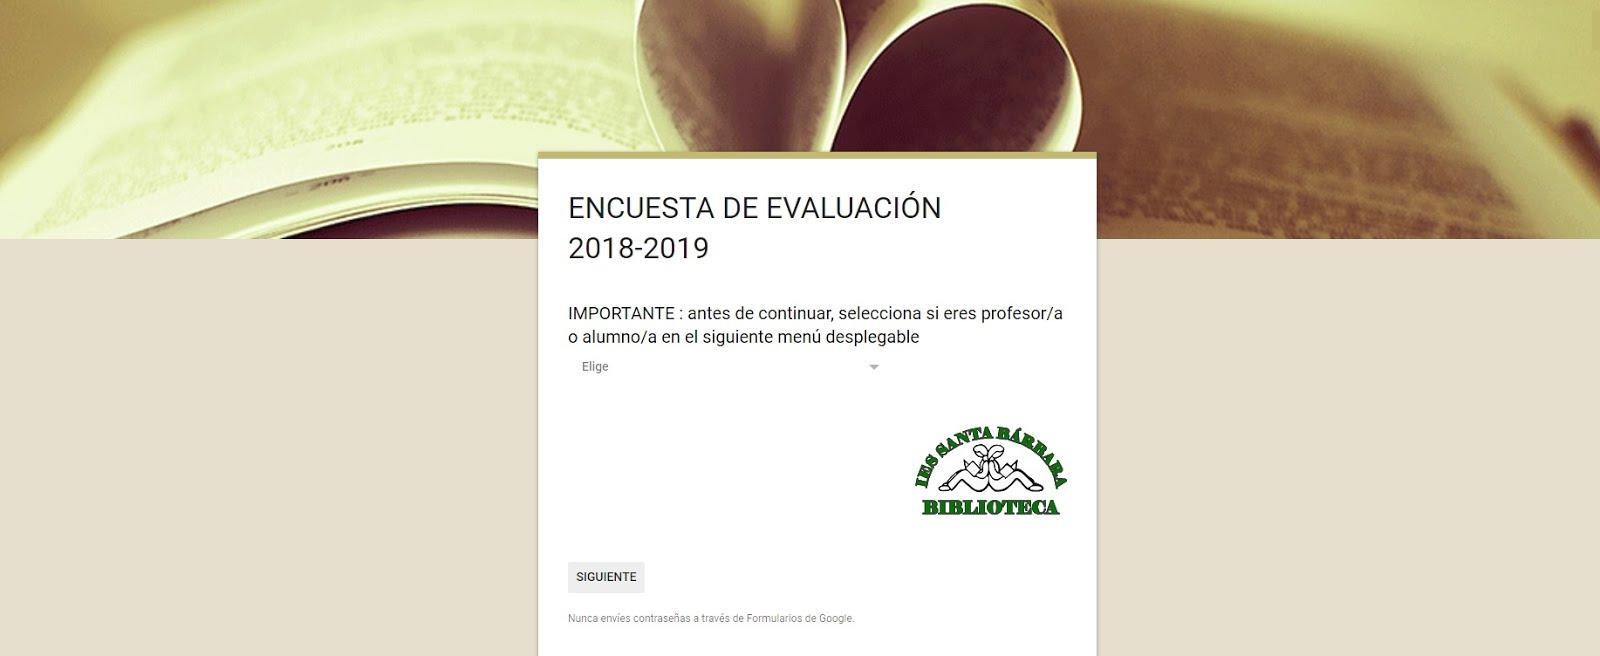 Encuesta de evaluación curso 2018-2019